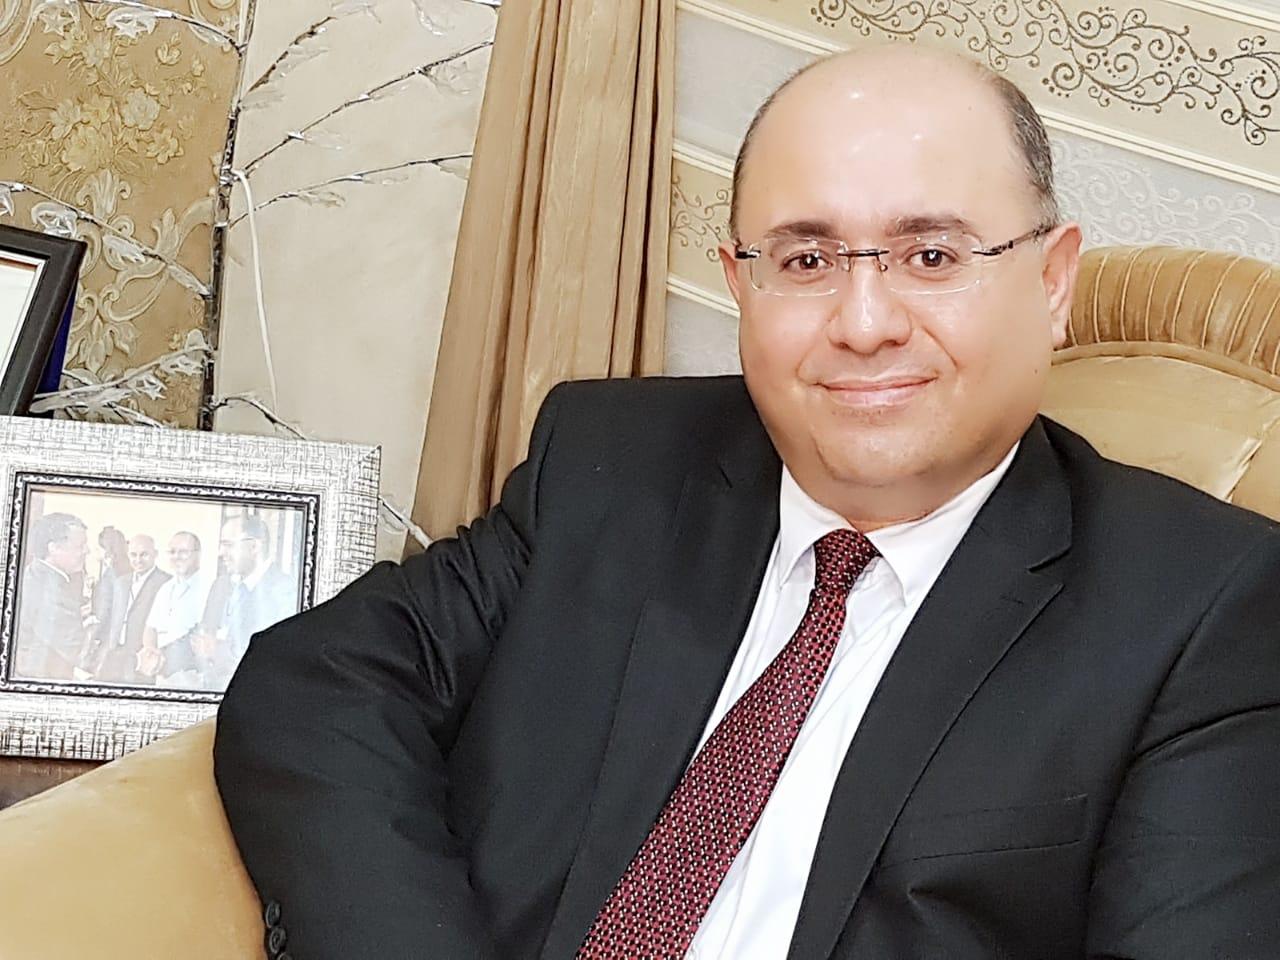 رسالة إلى الشباب الأردني وأصحاب الحراك الشعبي المنتمي والعفوي والحذر ممن يحاول خرق السفينة ؟